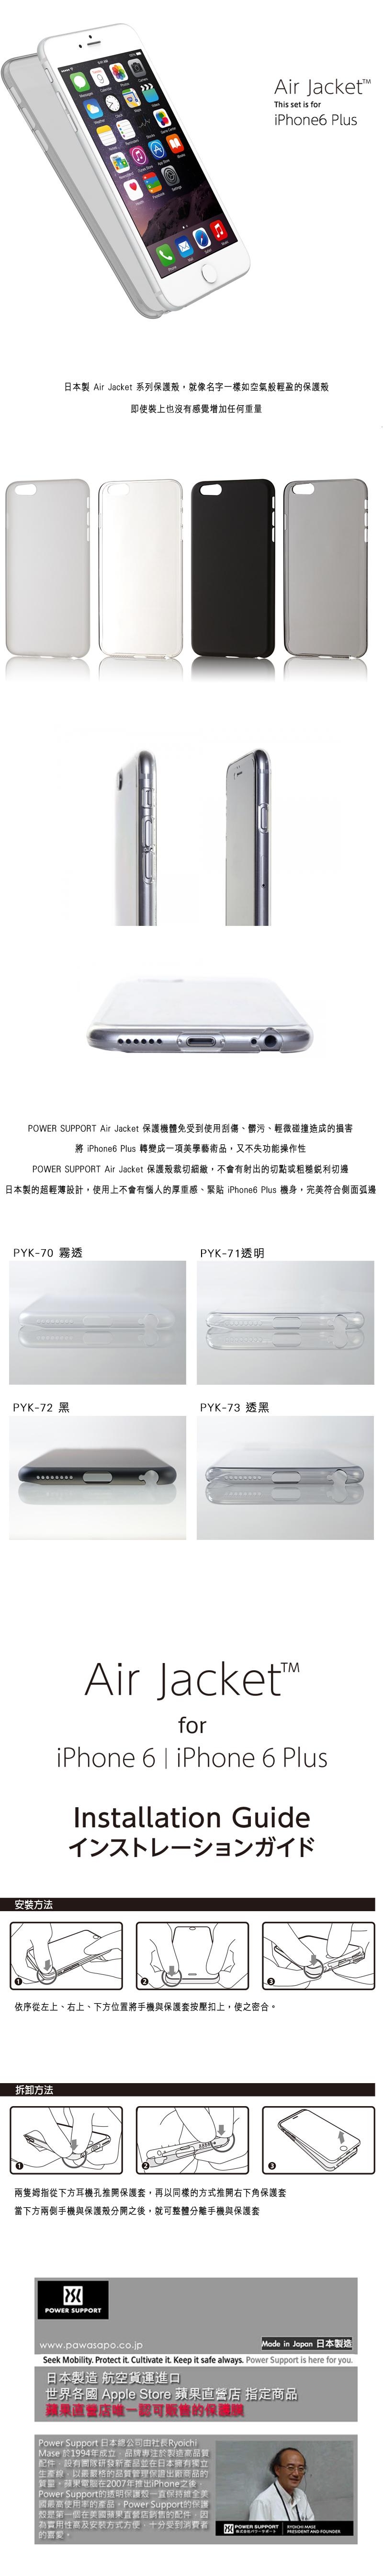 PS-i6-plus帶膜-800